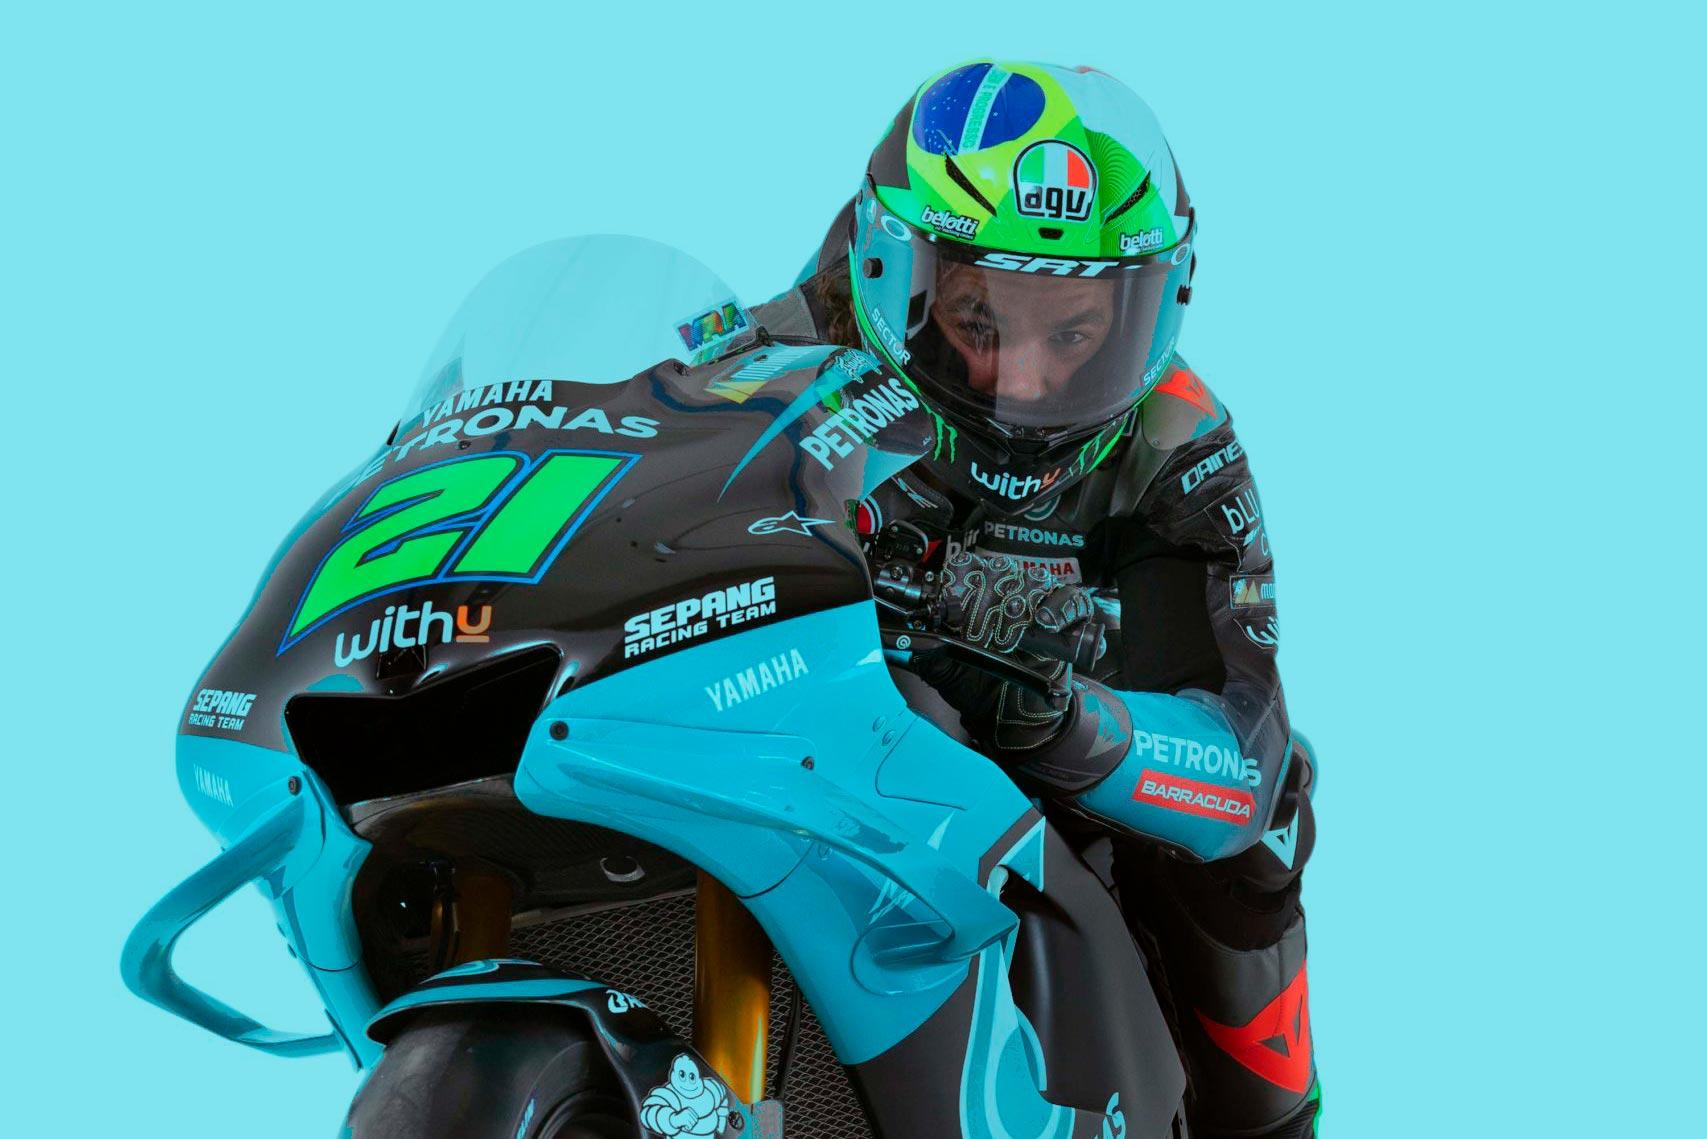 Франко Морбиделли, философ MotoGP Racing: «Человеческая сторона важнее игр»